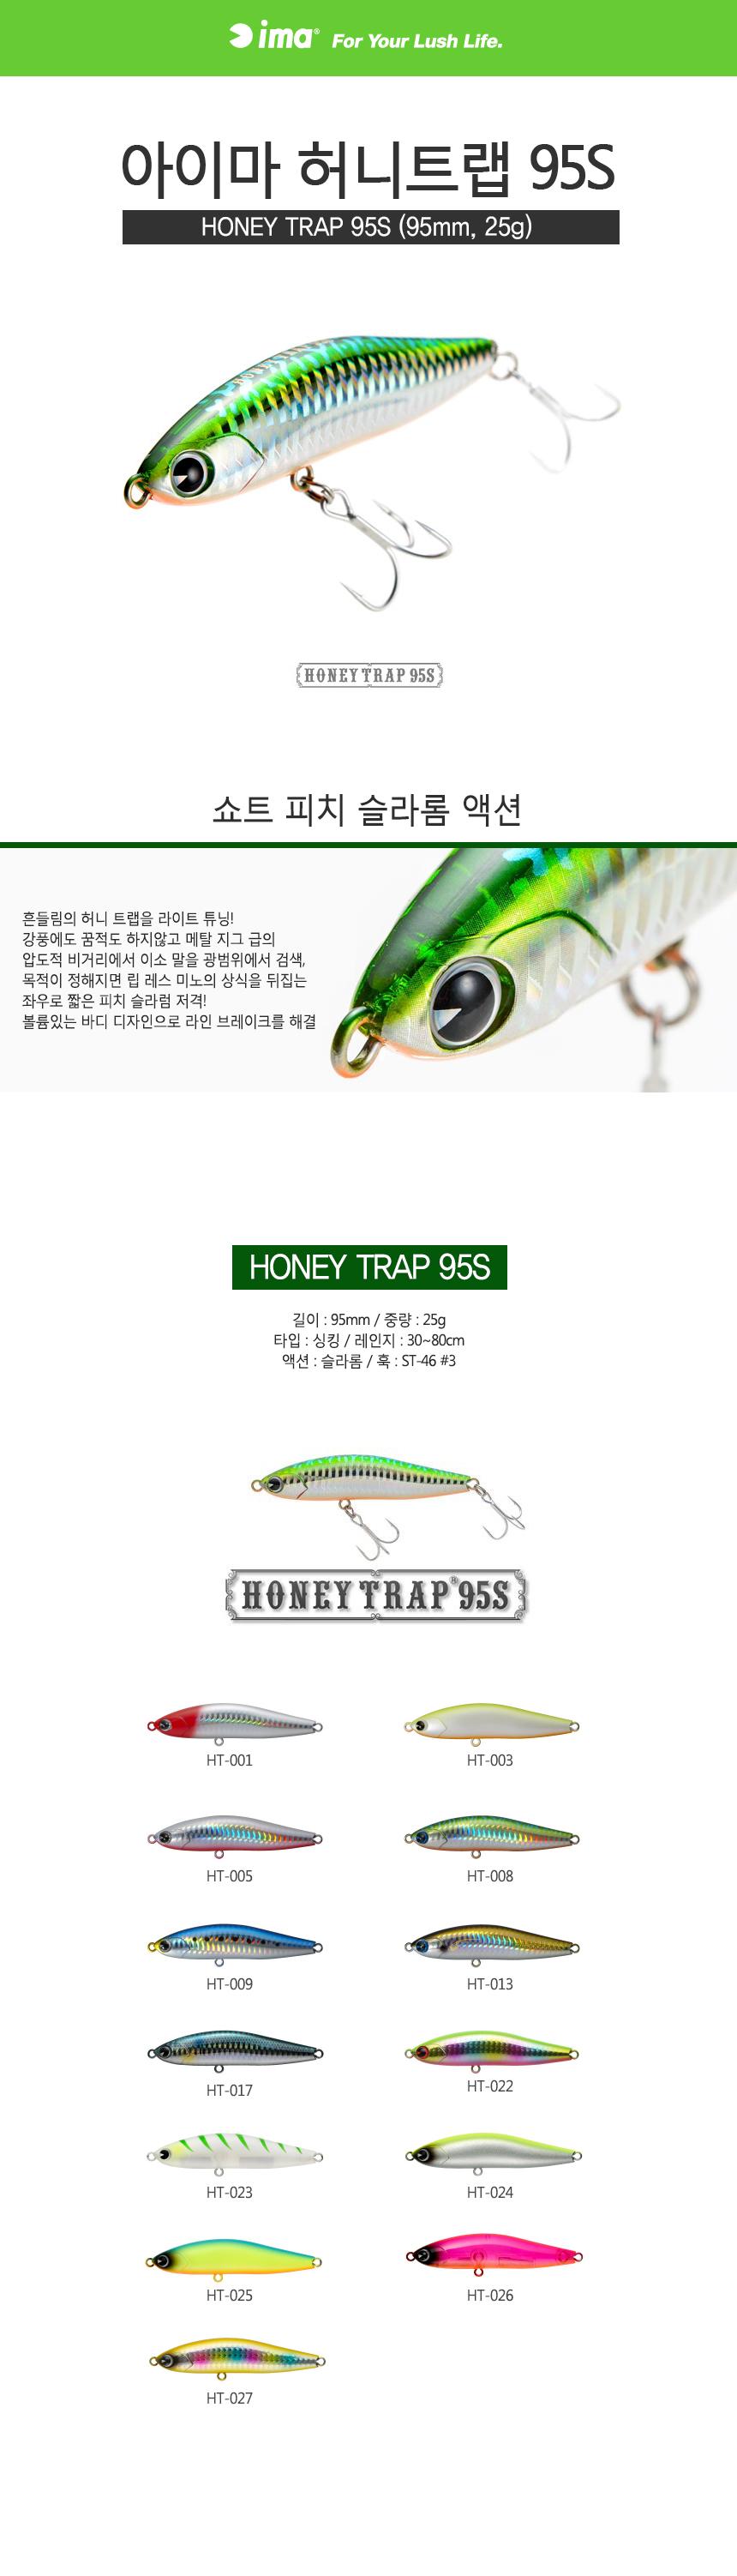 아이마 허니트랩 95S (HONEY TRAP 95S) (95mm,25g) 싱킹미노우 농어미노우  미노우